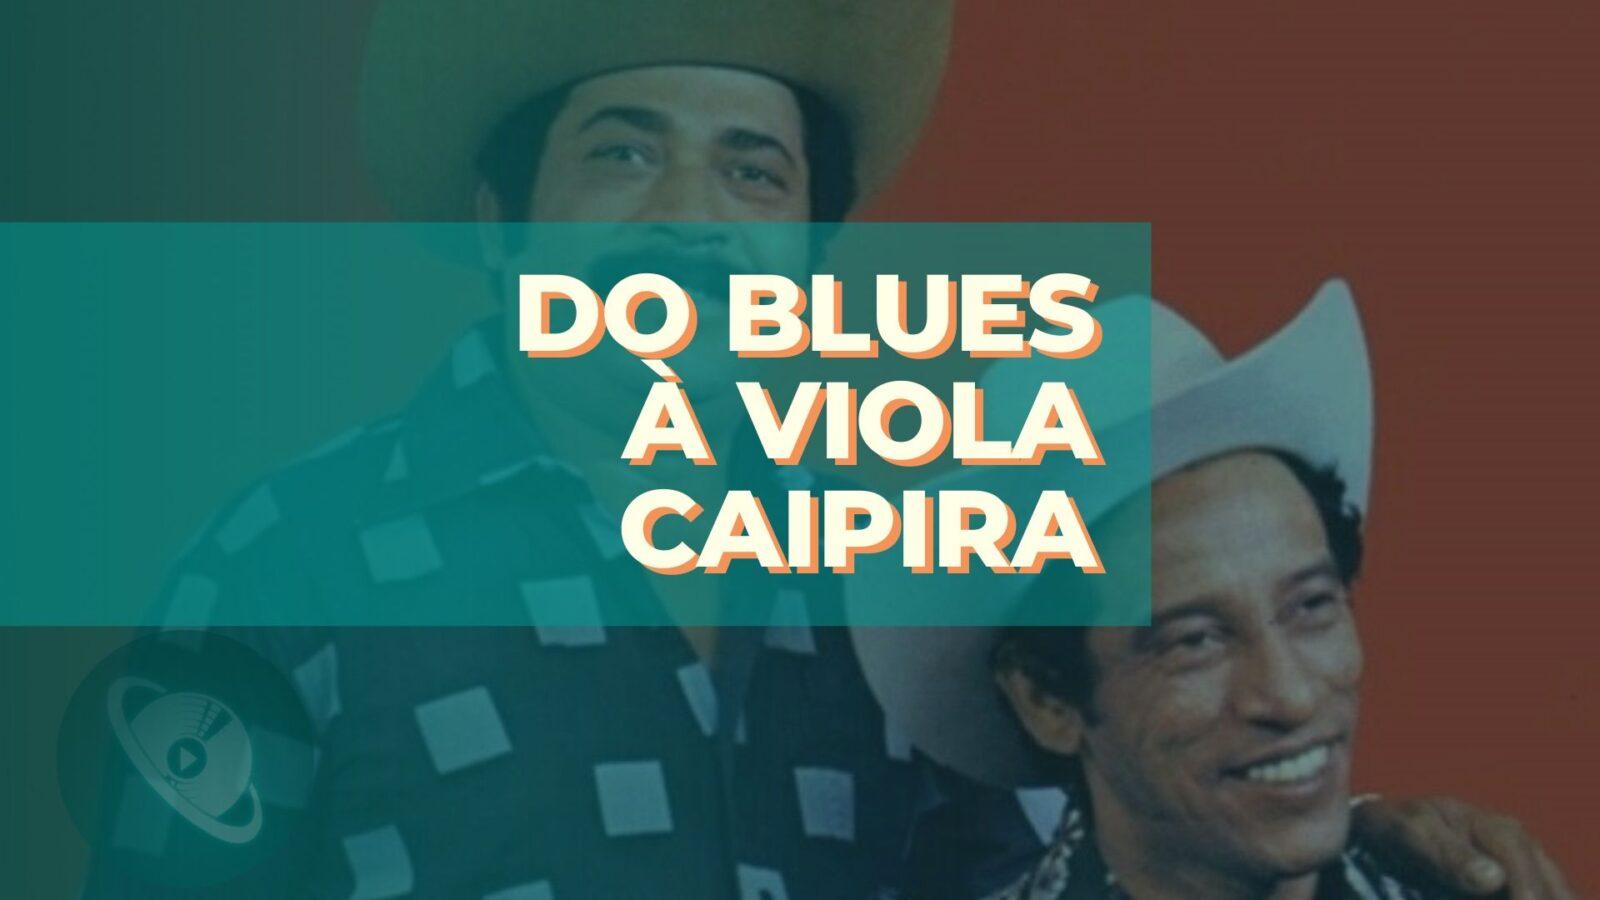 Blues e música caipira - Planeta Música